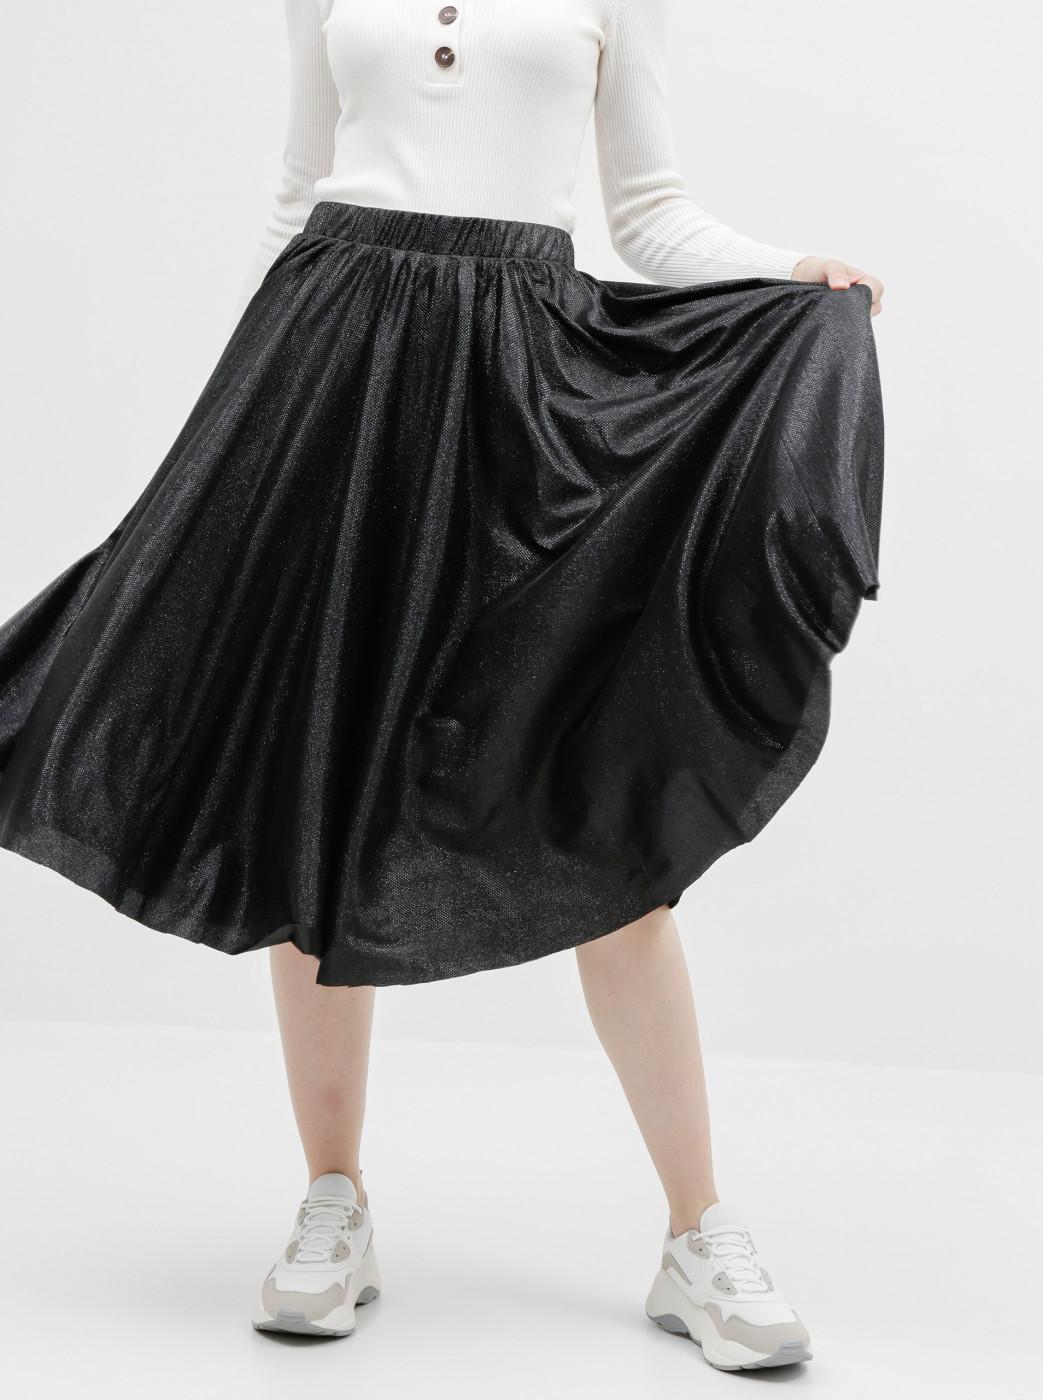 Black glittery skirt VILA Lena